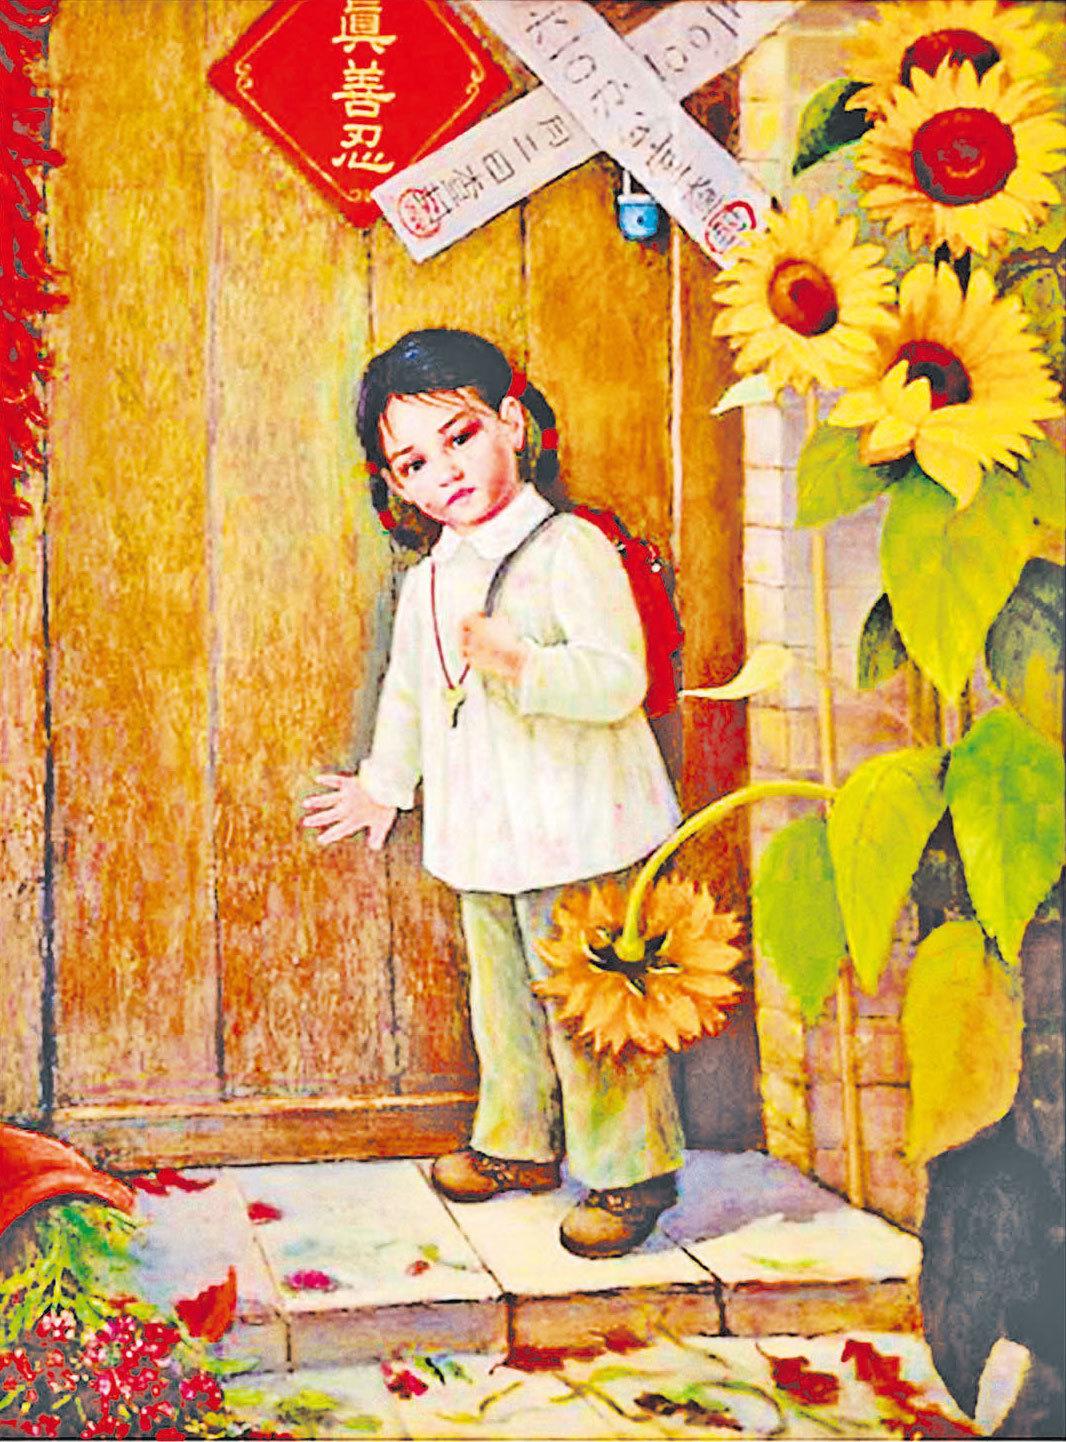 「真善忍」美展作品:油畫《無家可歸》,畫家沈大慈。小女孩放學回家,發現修煉法輪功的父母被抓走了,家被查封了。門上貼著「610」辦公室的查封條;孩子有家歸不得。